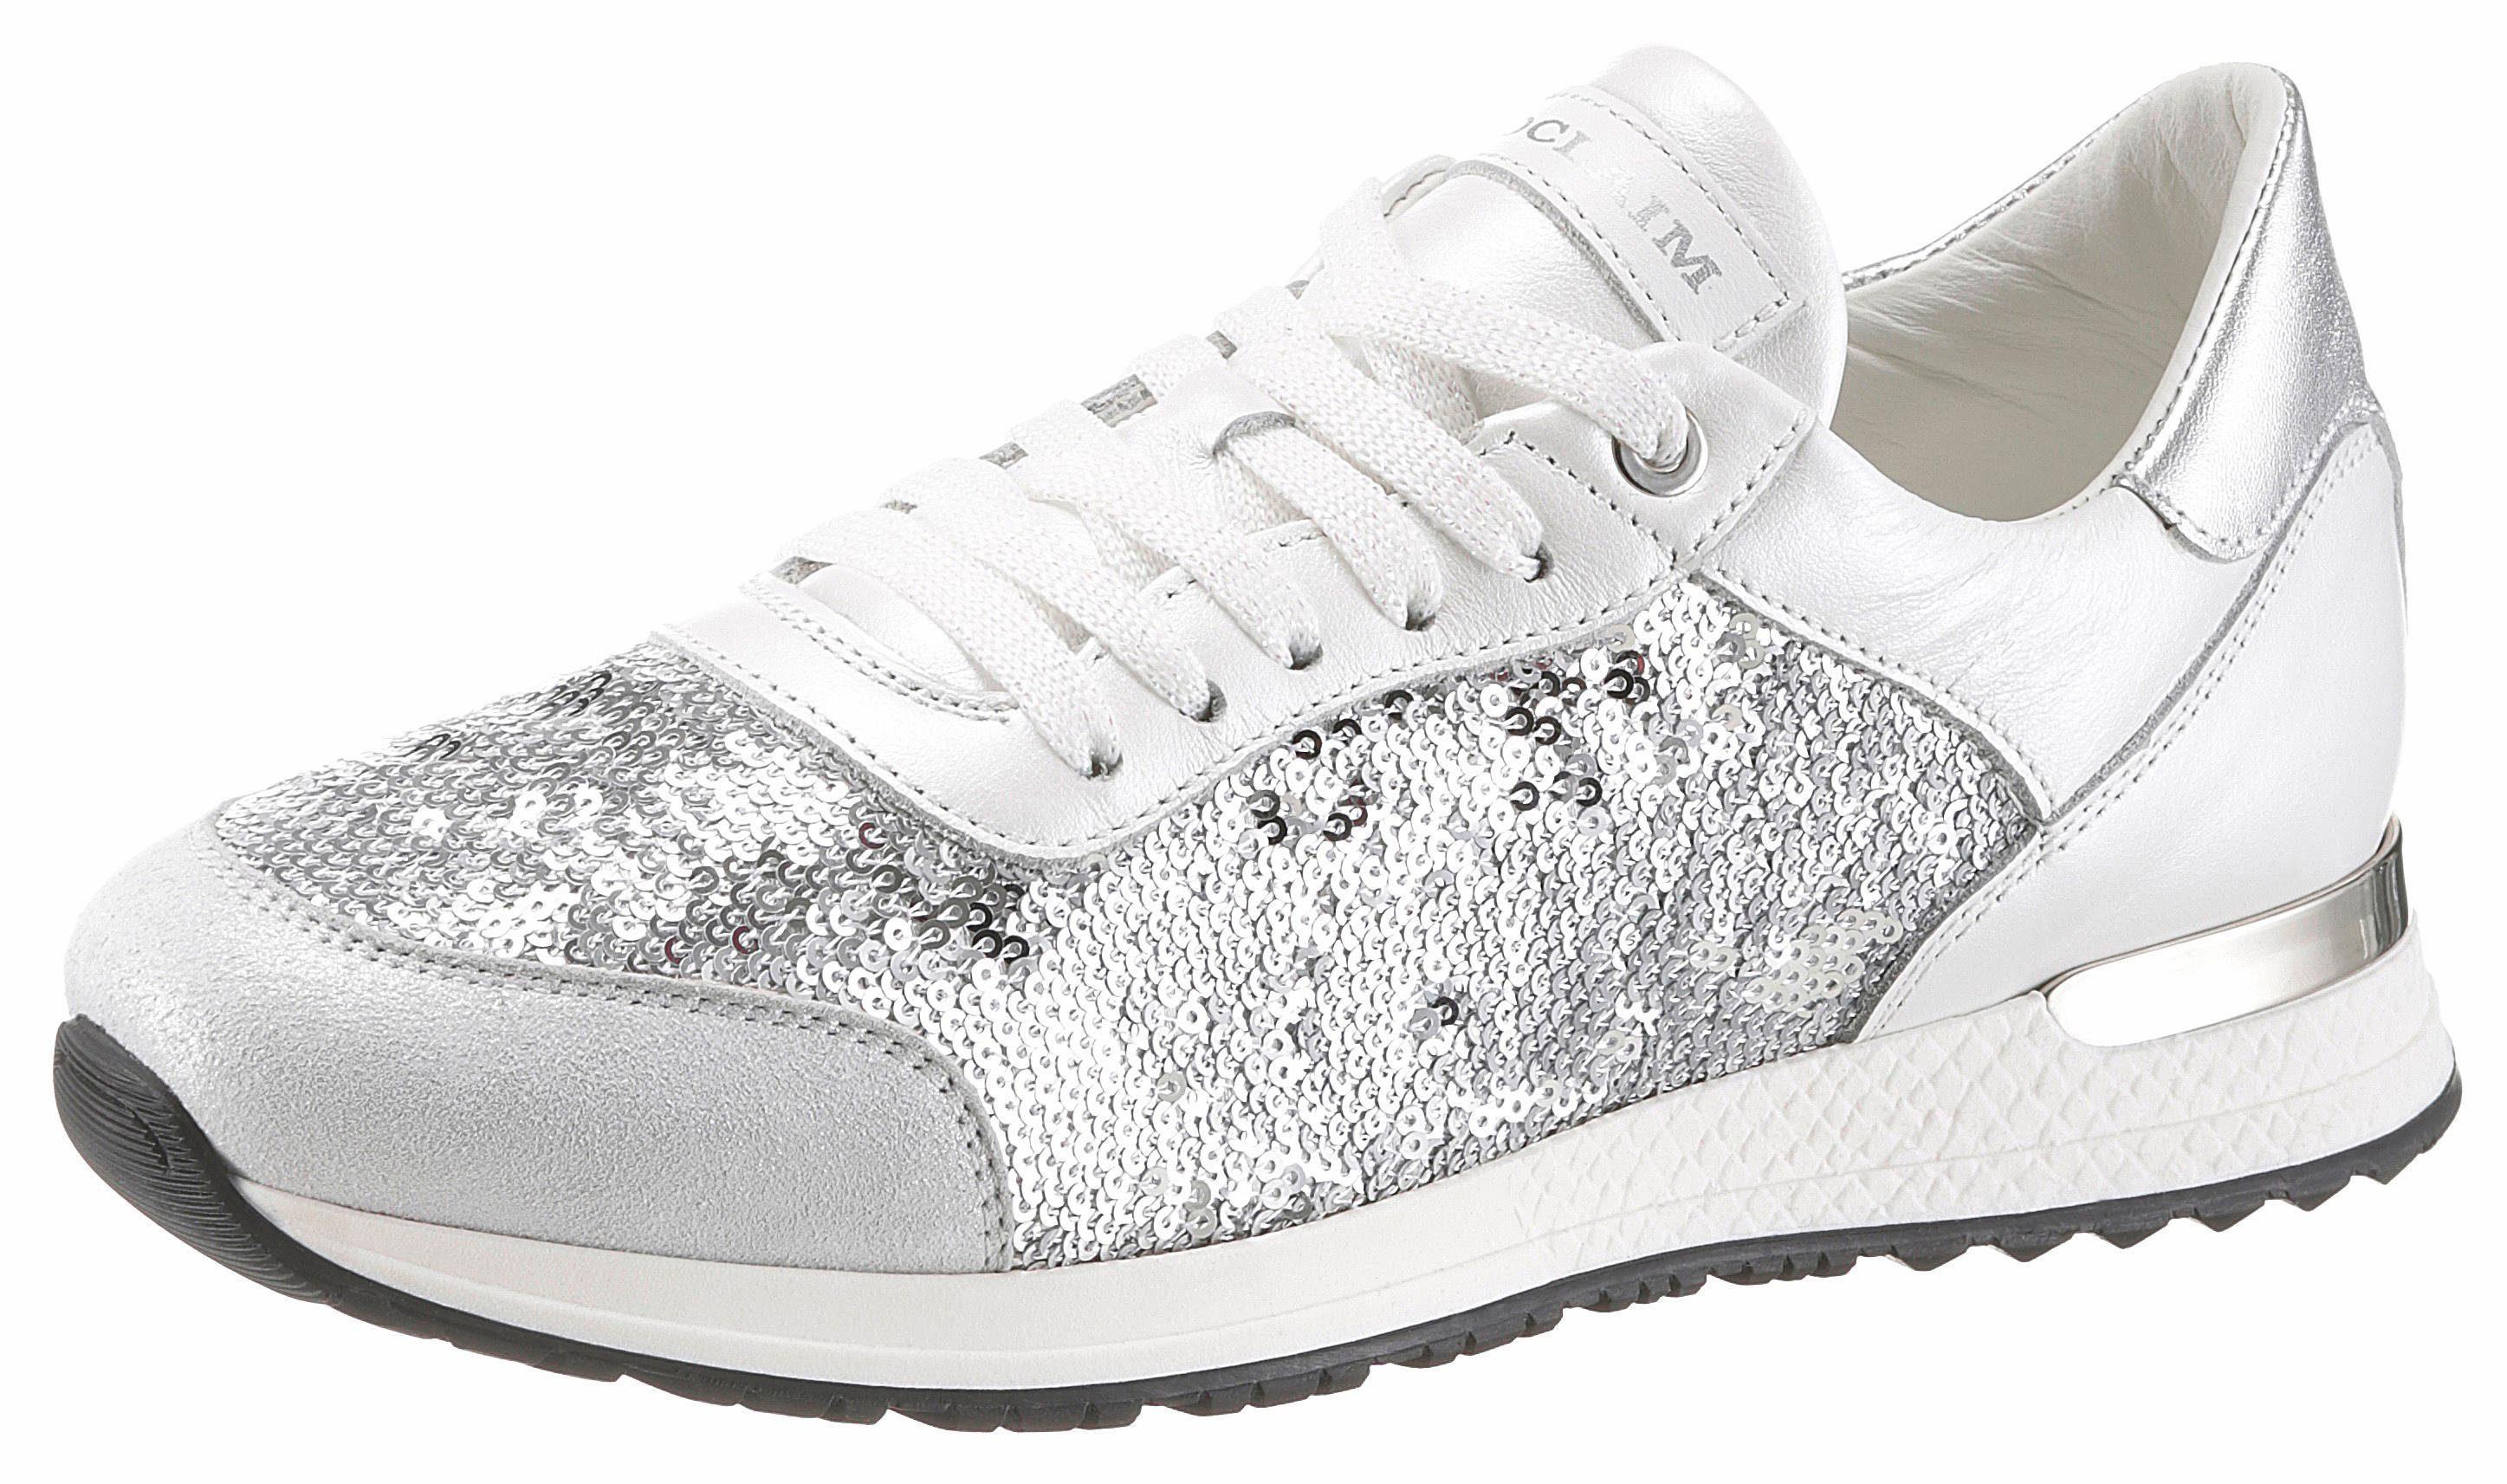 NOCLAIM Sneaker, mit dezenten Metallic-Einsätzen, weiß, 35 35